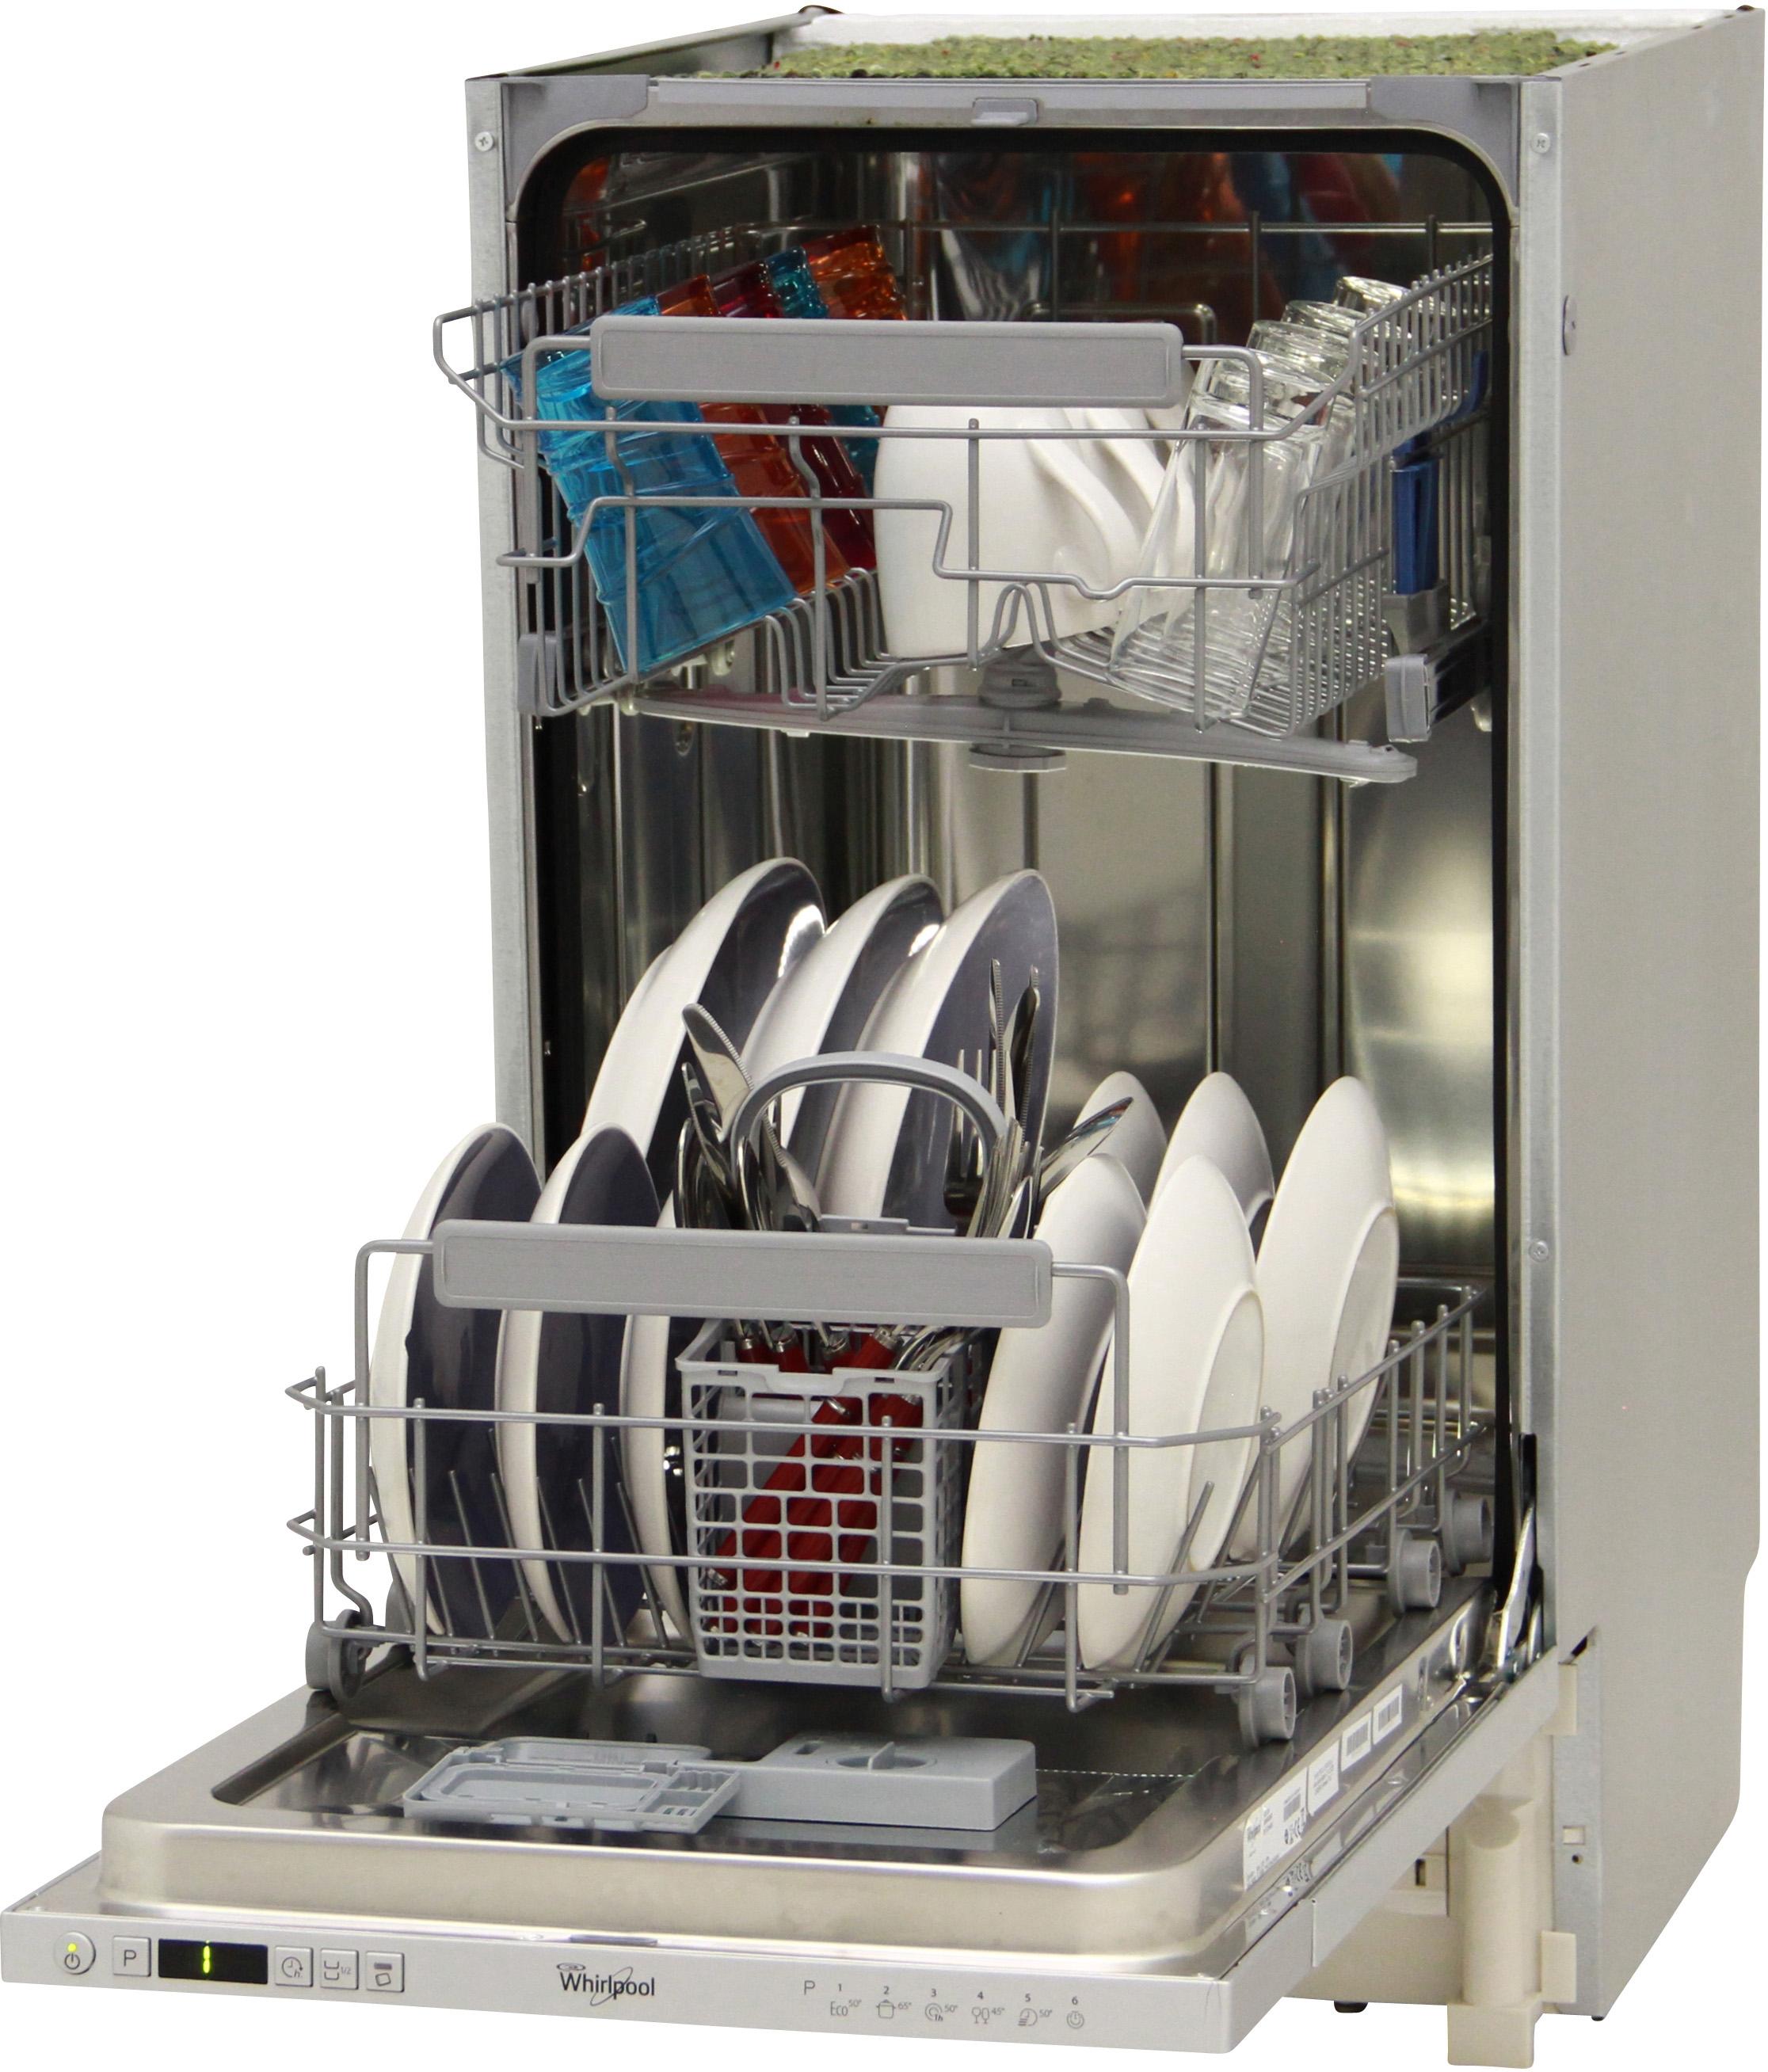 I dettagli del test sulla lavastoviglie WHIRLPOOL ADG351